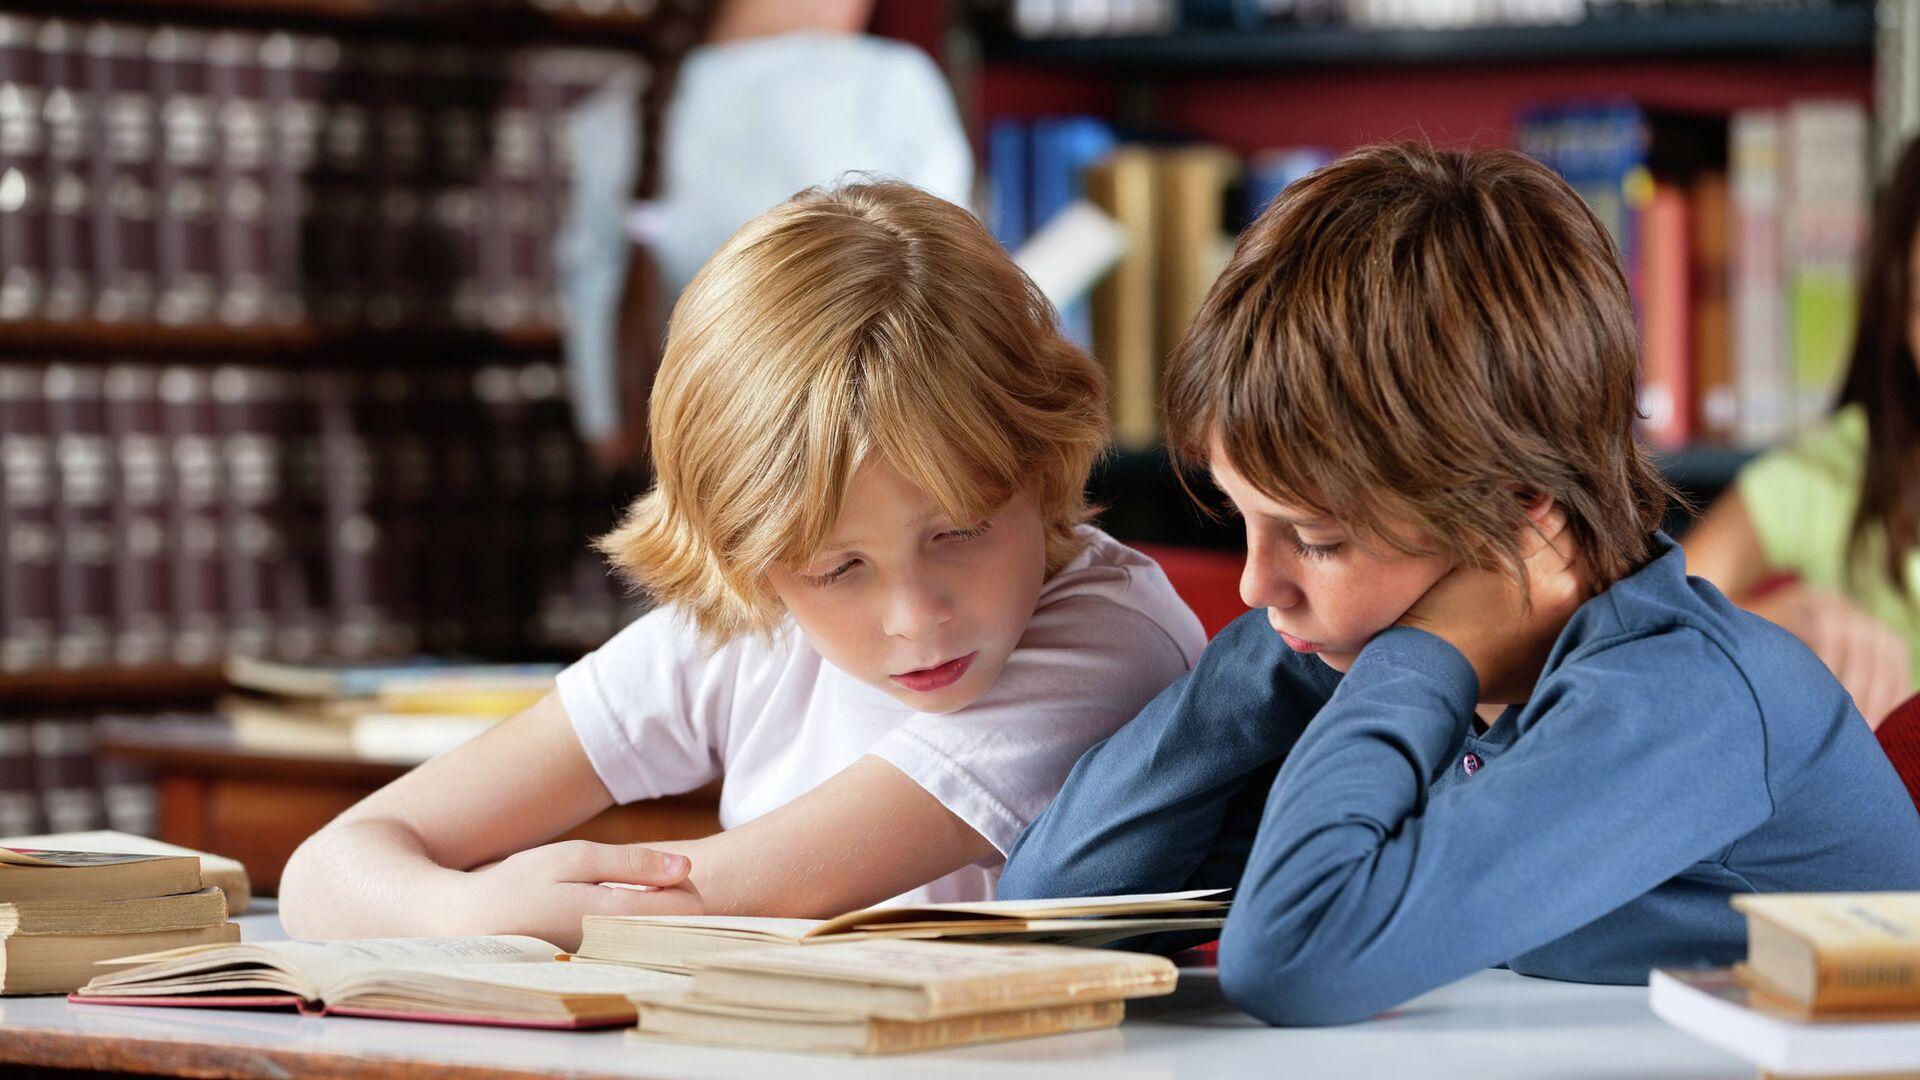 Школьники читают книги в библиотеке - РИА Новости, 1920, 23.09.2020